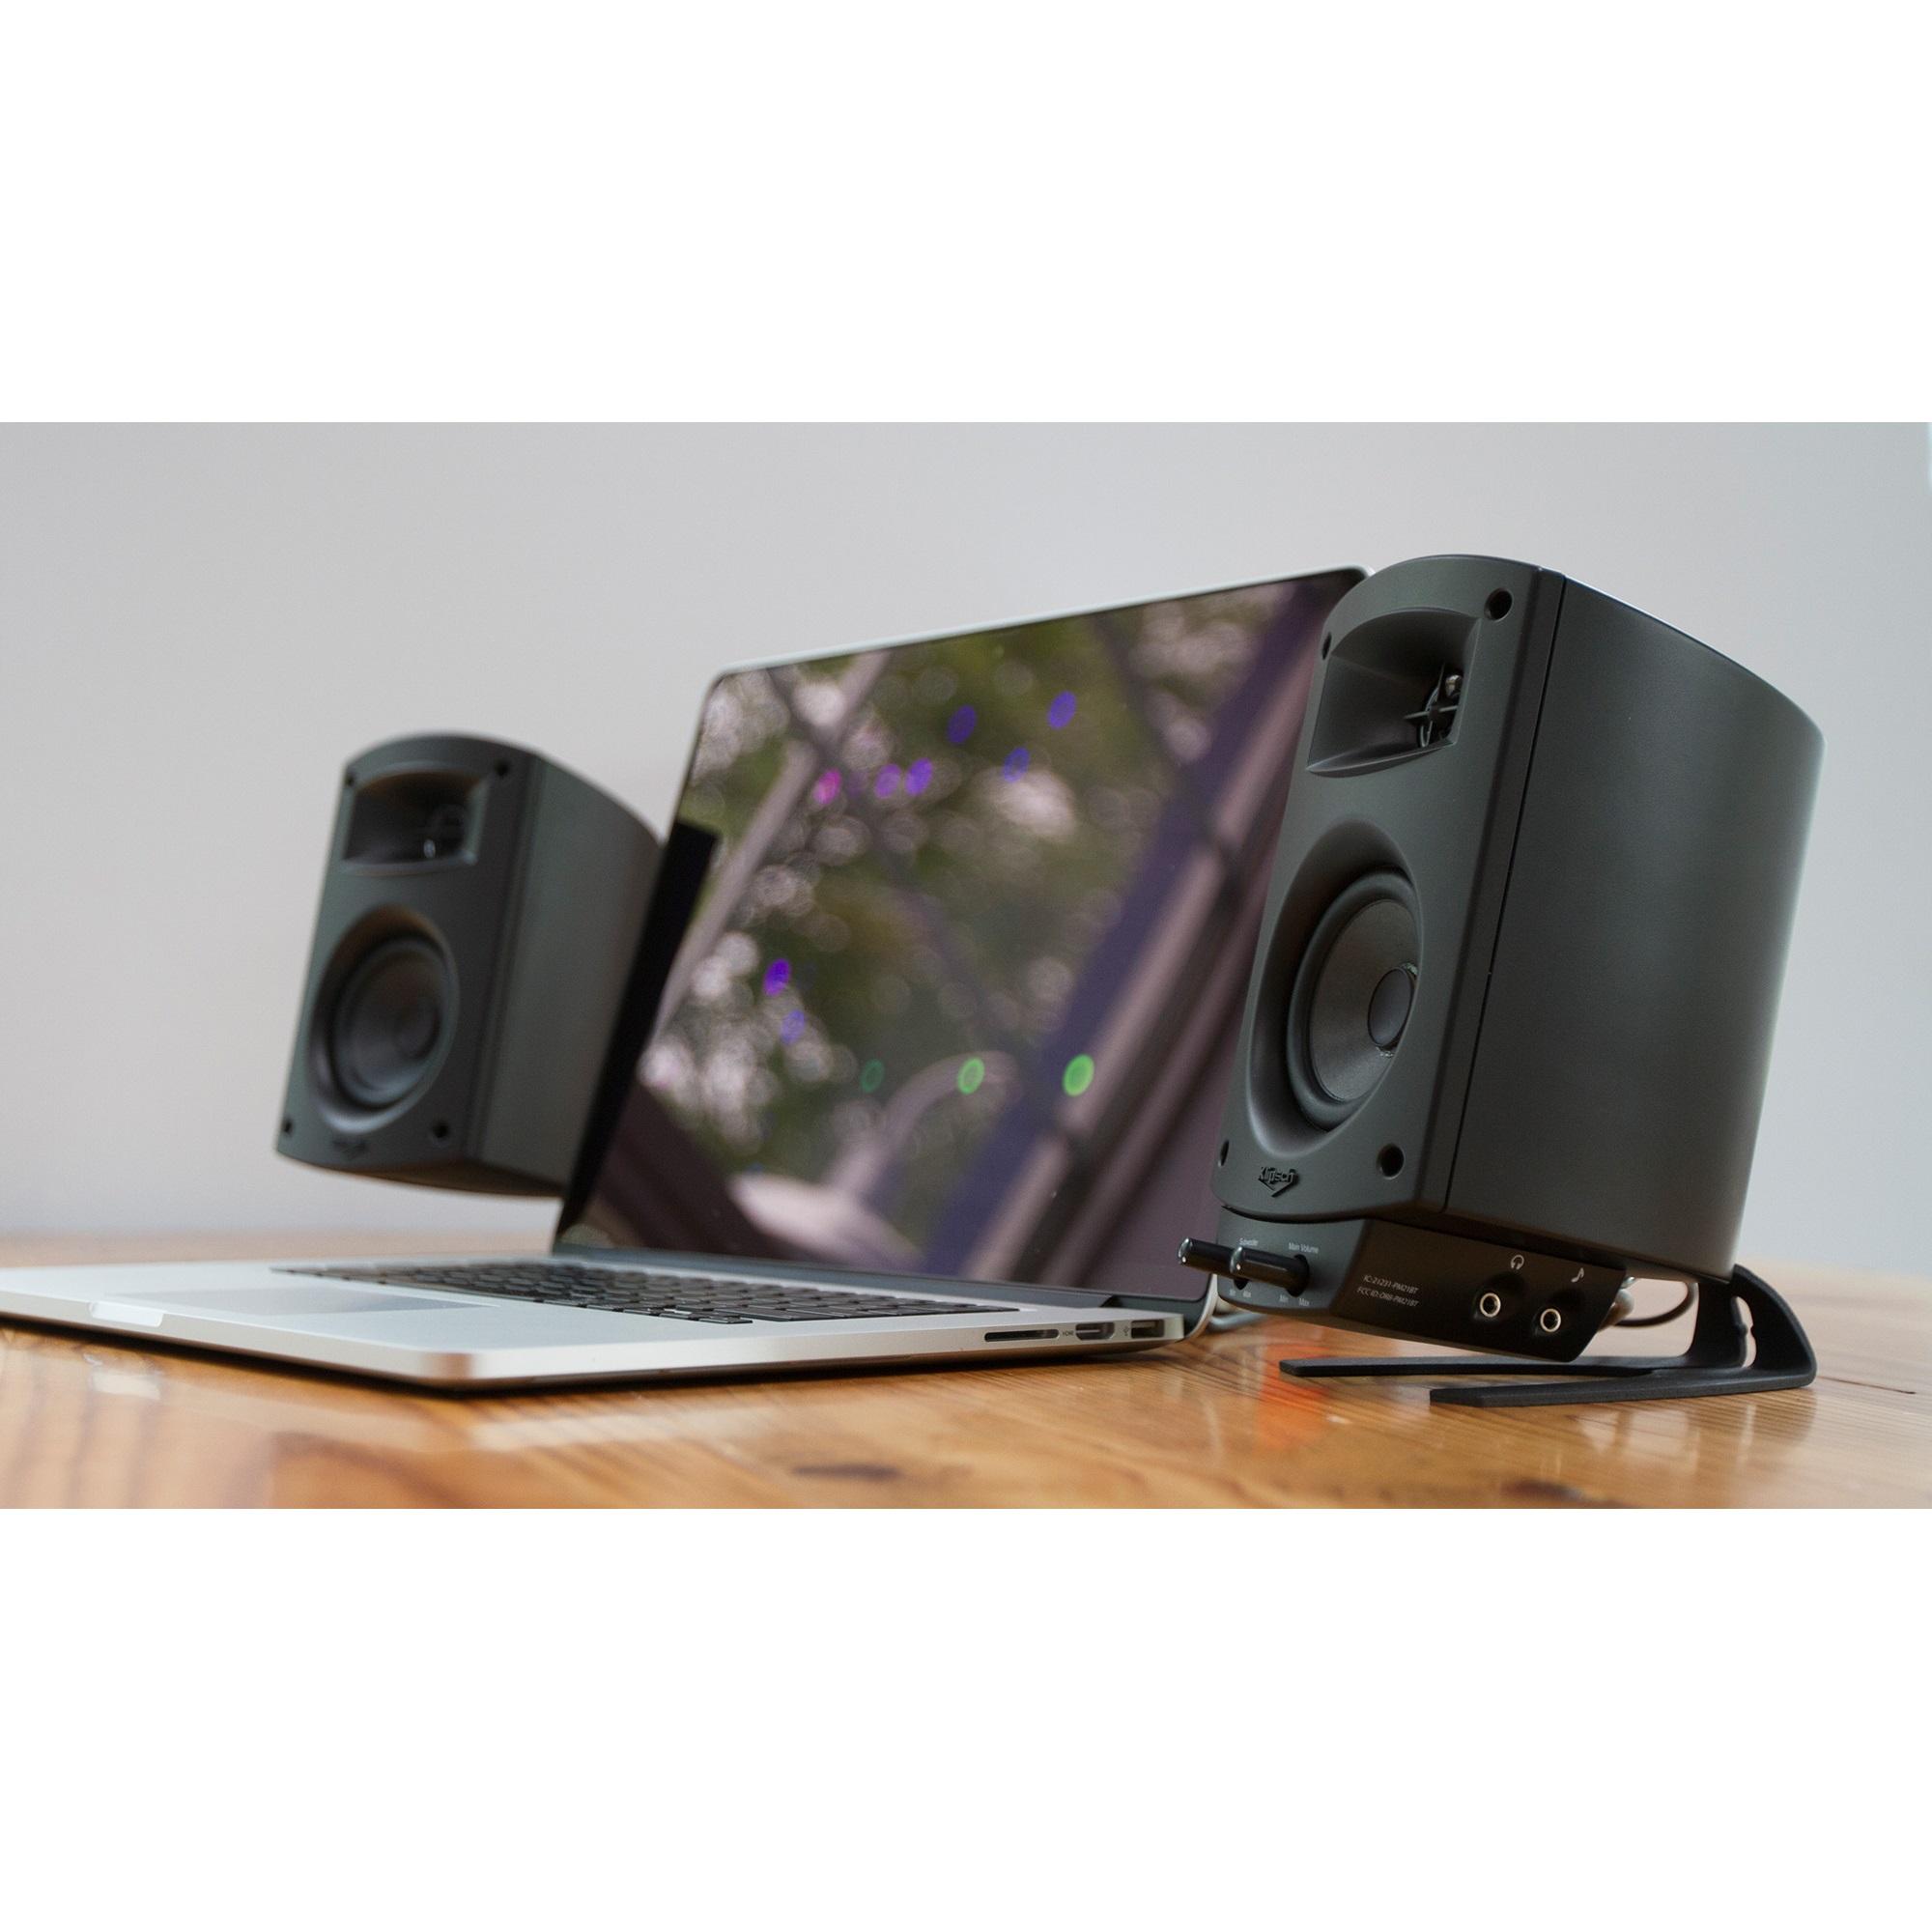 klipsch promedia 2 1 thx certified speaker system black ebay. Black Bedroom Furniture Sets. Home Design Ideas